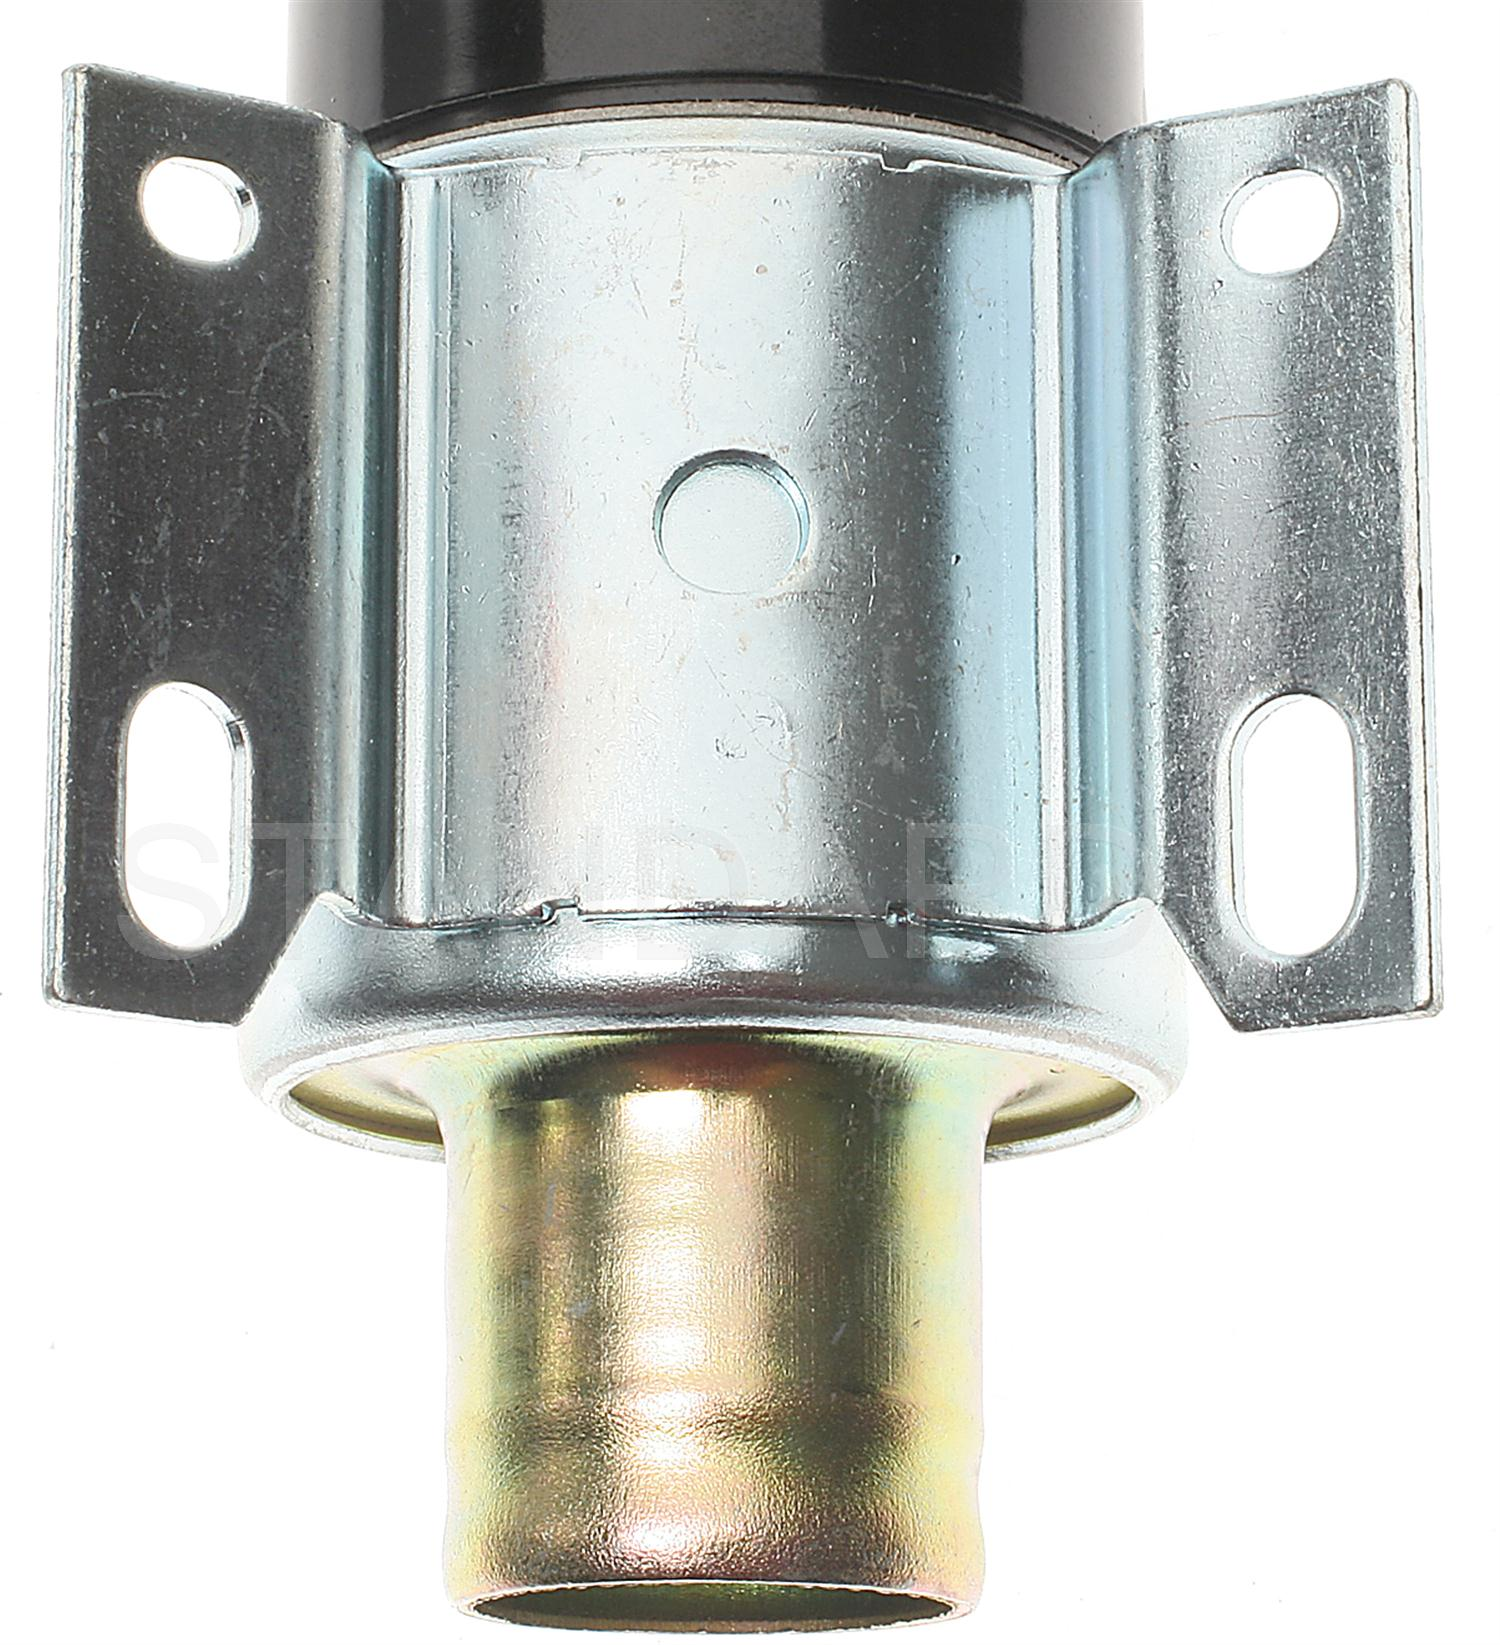 SMP Starter Solenoid Standard SS-213 SOLENOID Standard is a global manufacturer of